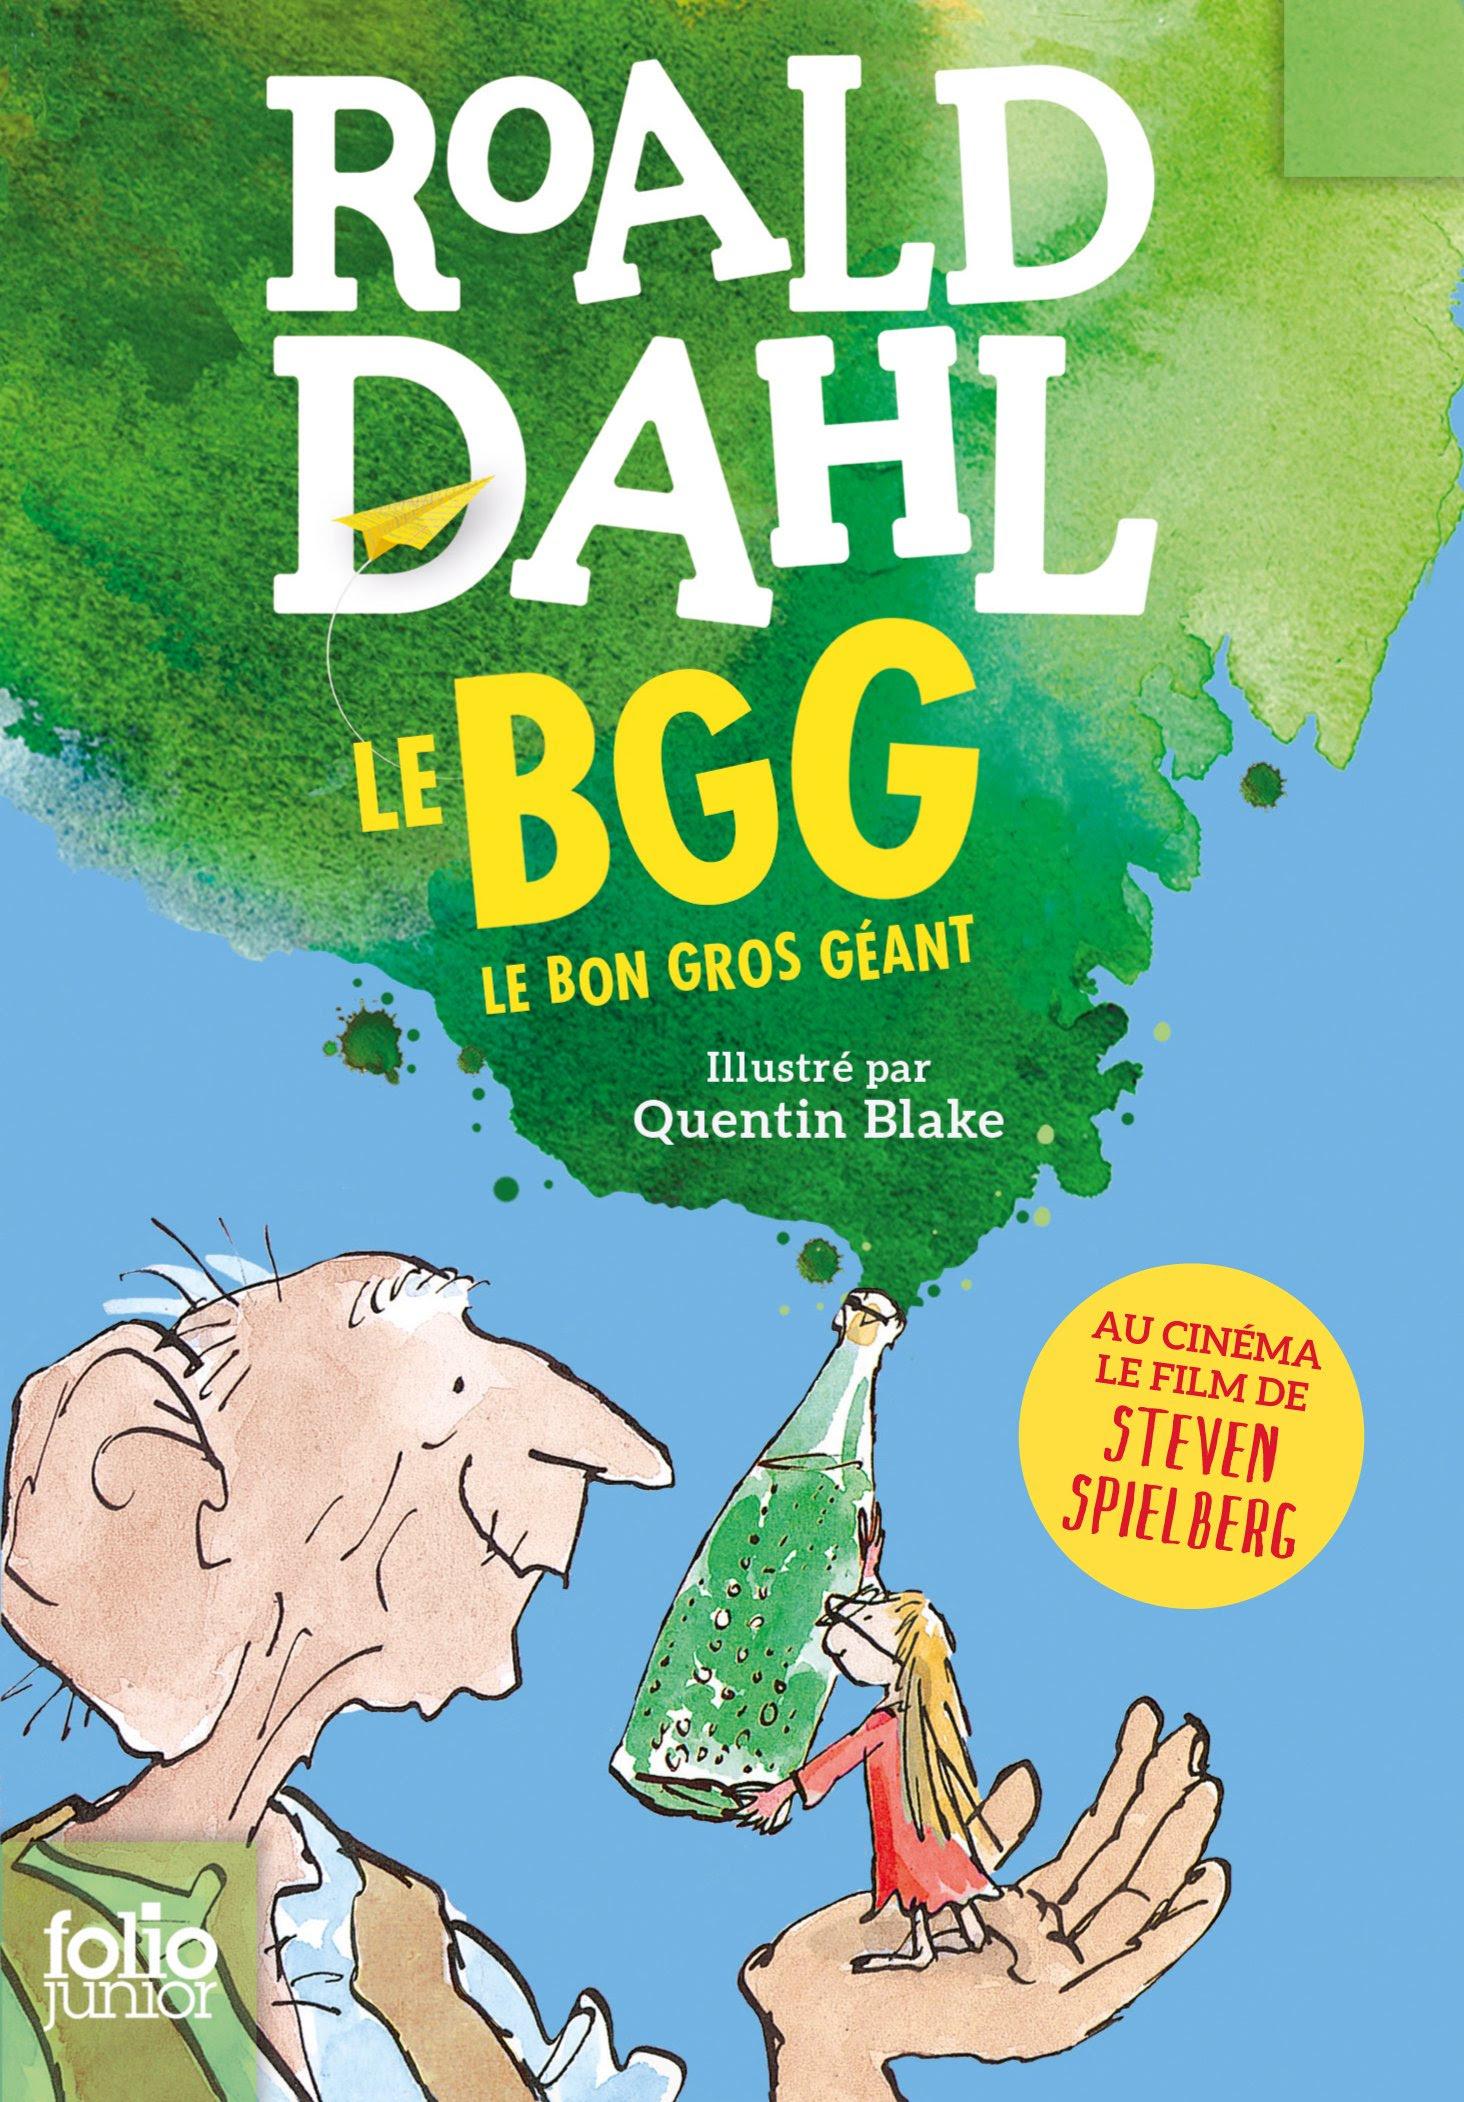 """Résultat de recherche d'images pour """"le bgg"""""""